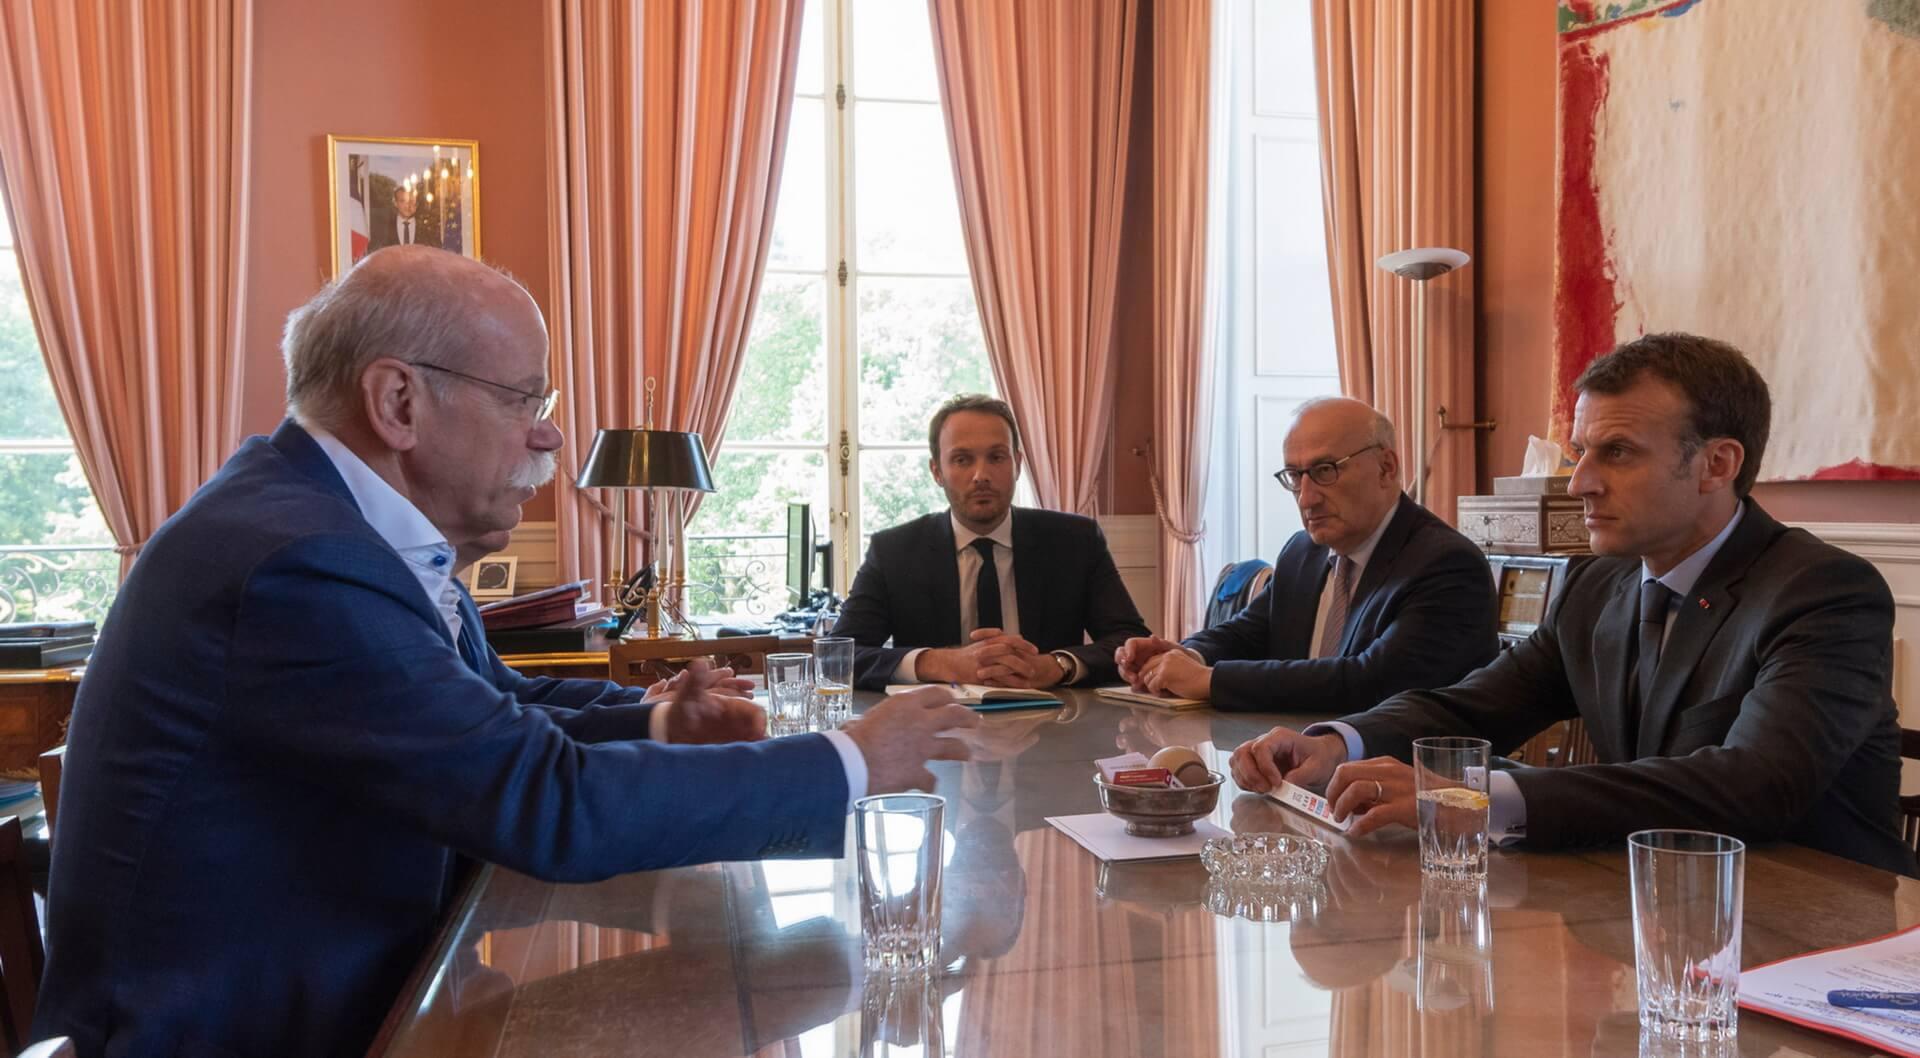 Председатель правления Daimler AG и глава Mercedes-Benz Cars, на встрече с президентом Франции Эммануэлем Макроном